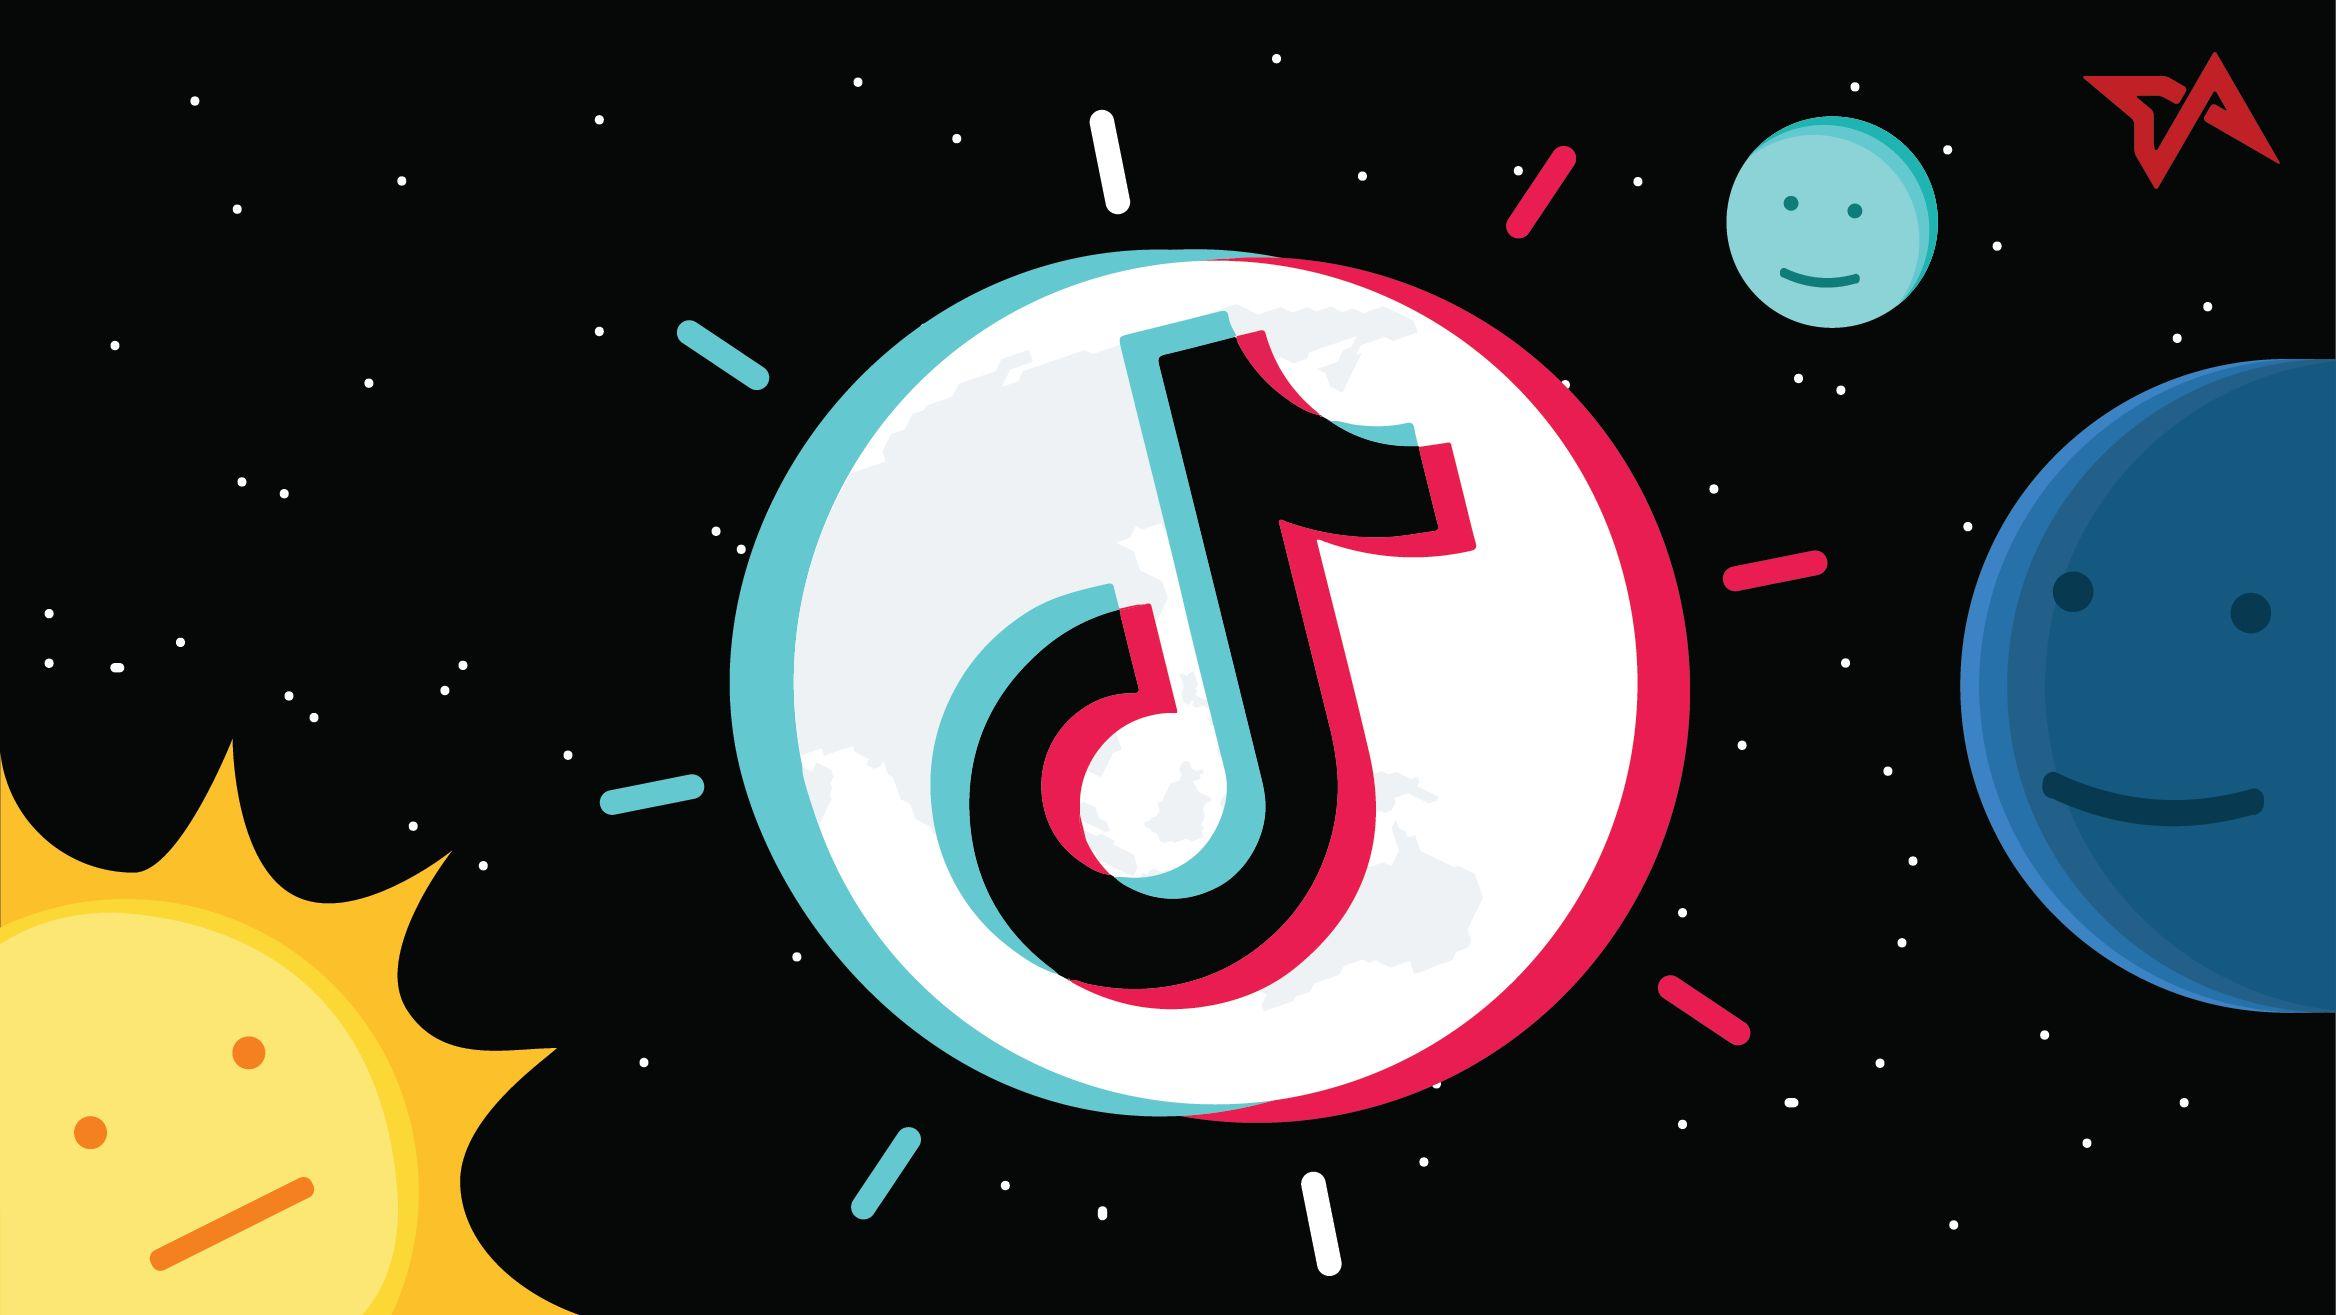 抖音不可以用本地的音乐了吗 抖音本地音乐为什么取消上传了